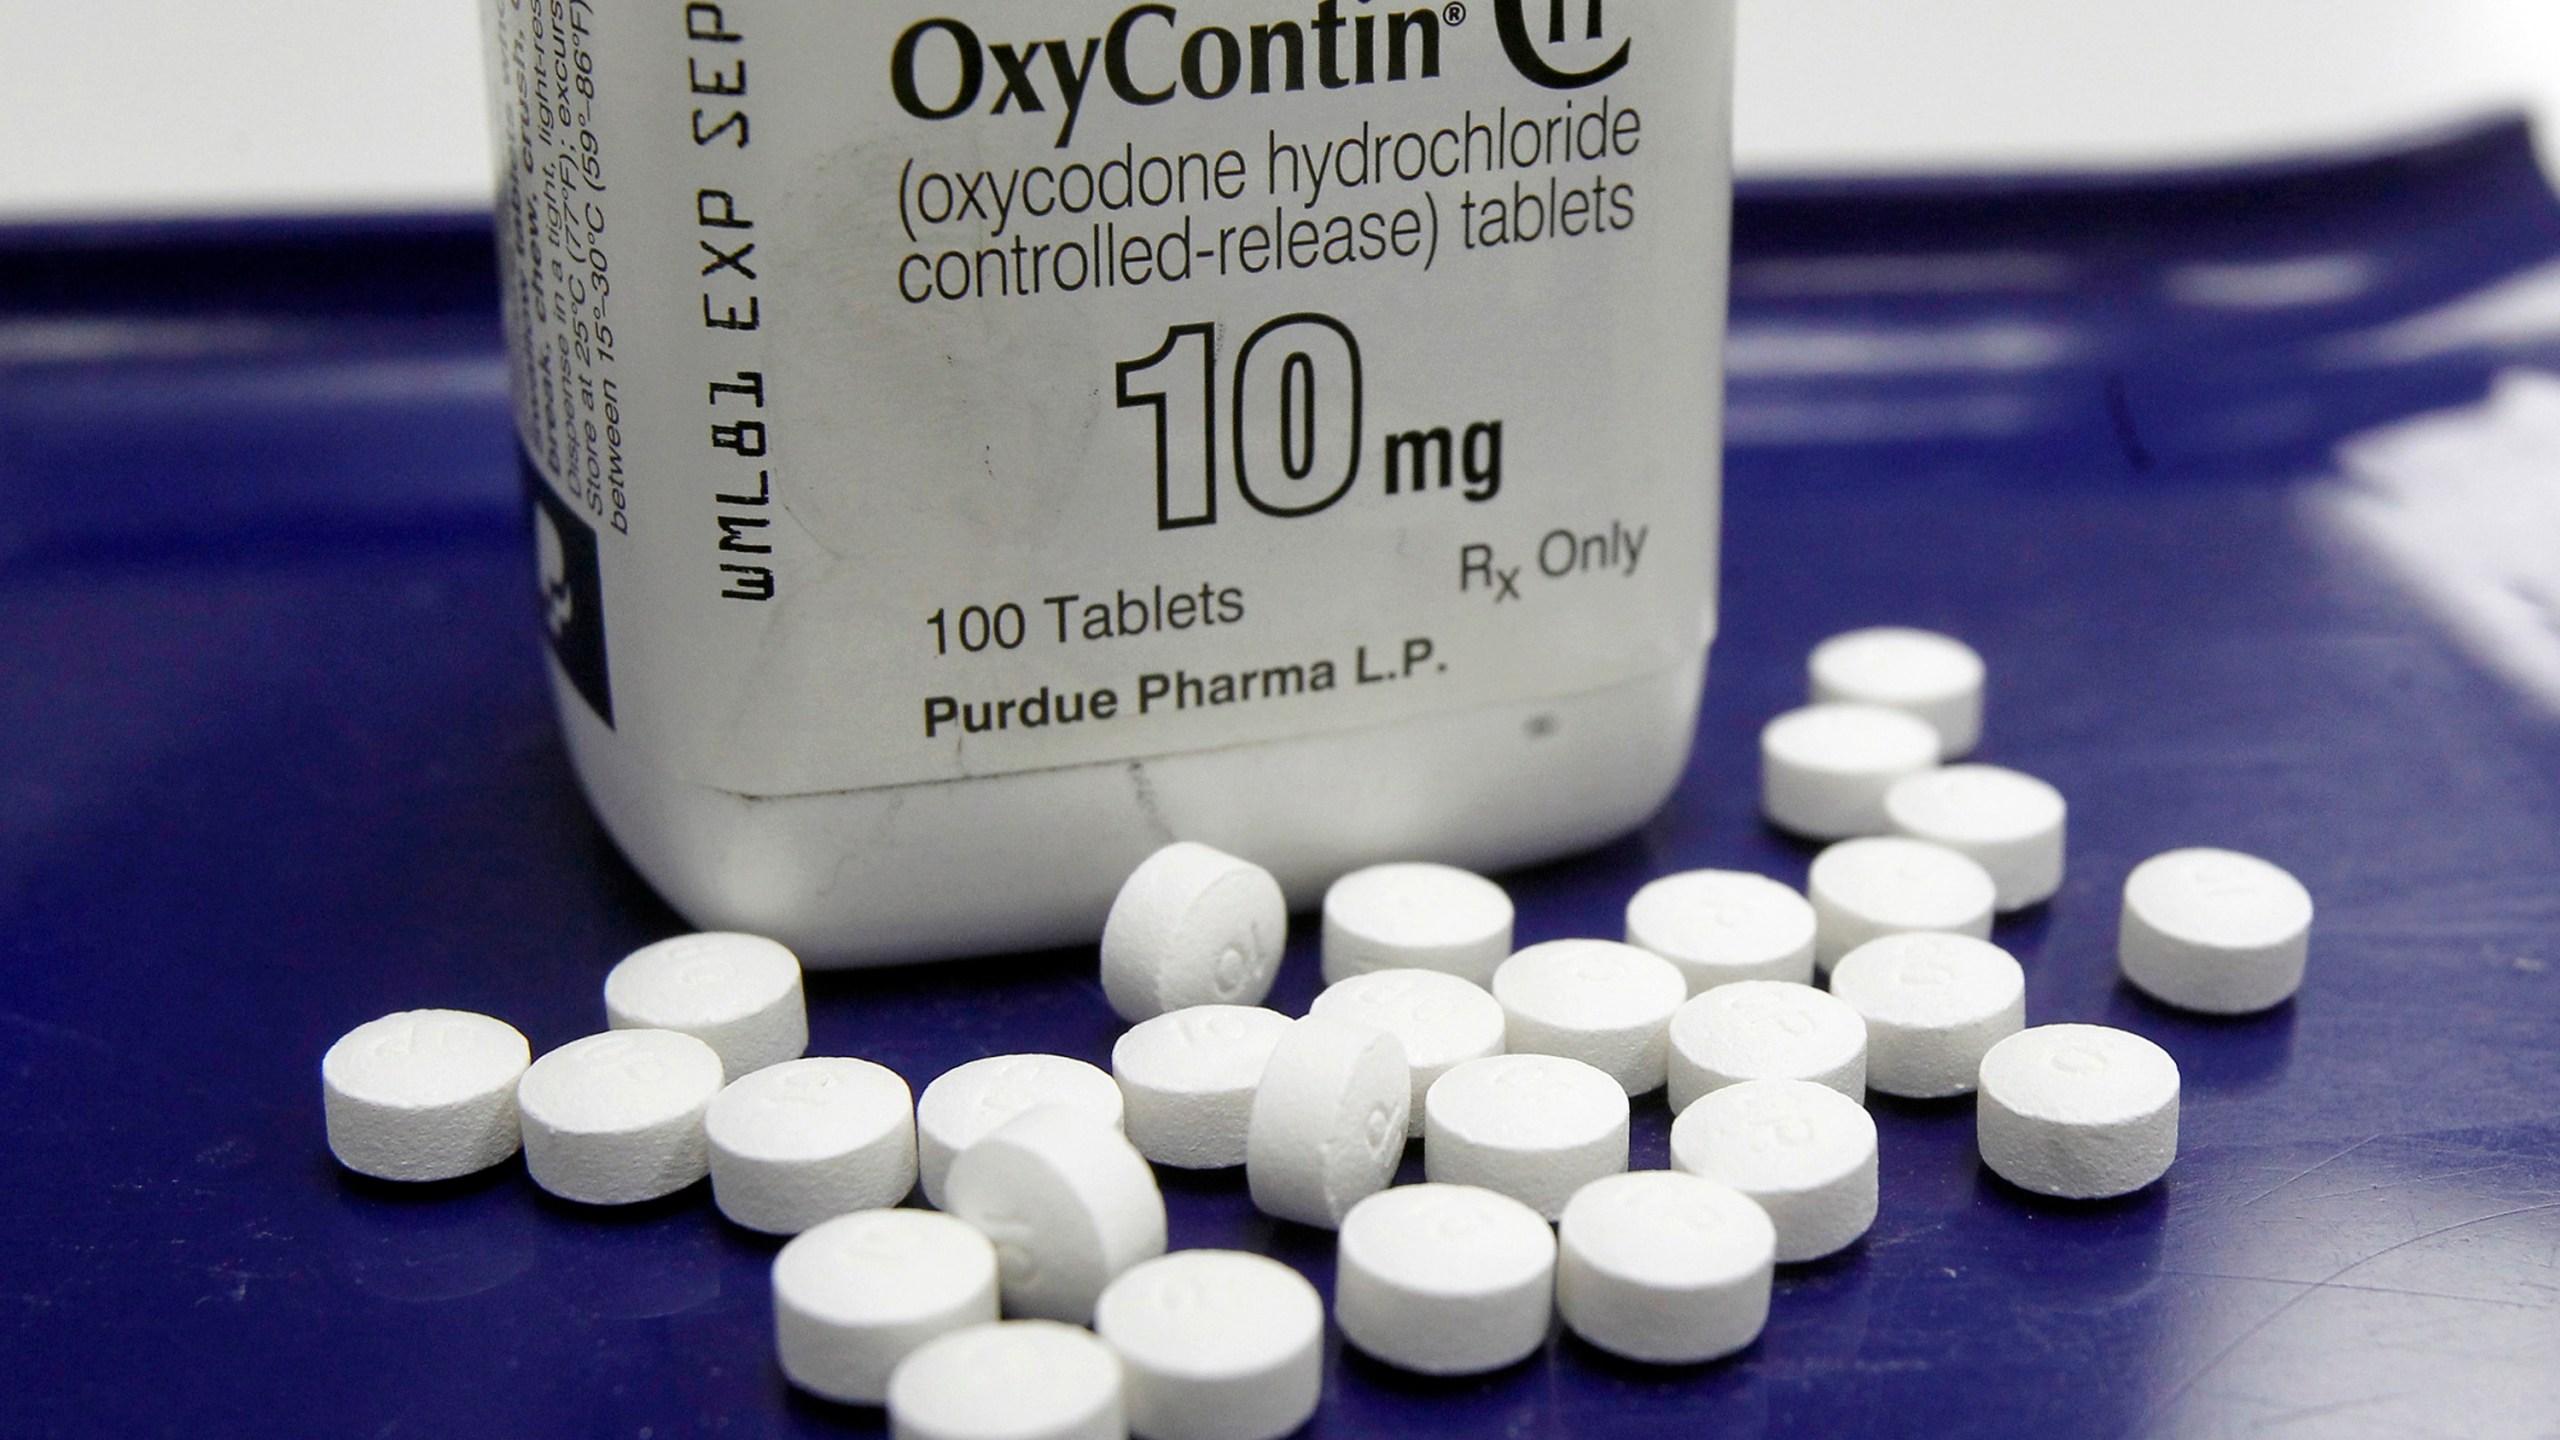 Opioids_Lawsuit_Purdue_Pharma_13172-159532.jpg31599533